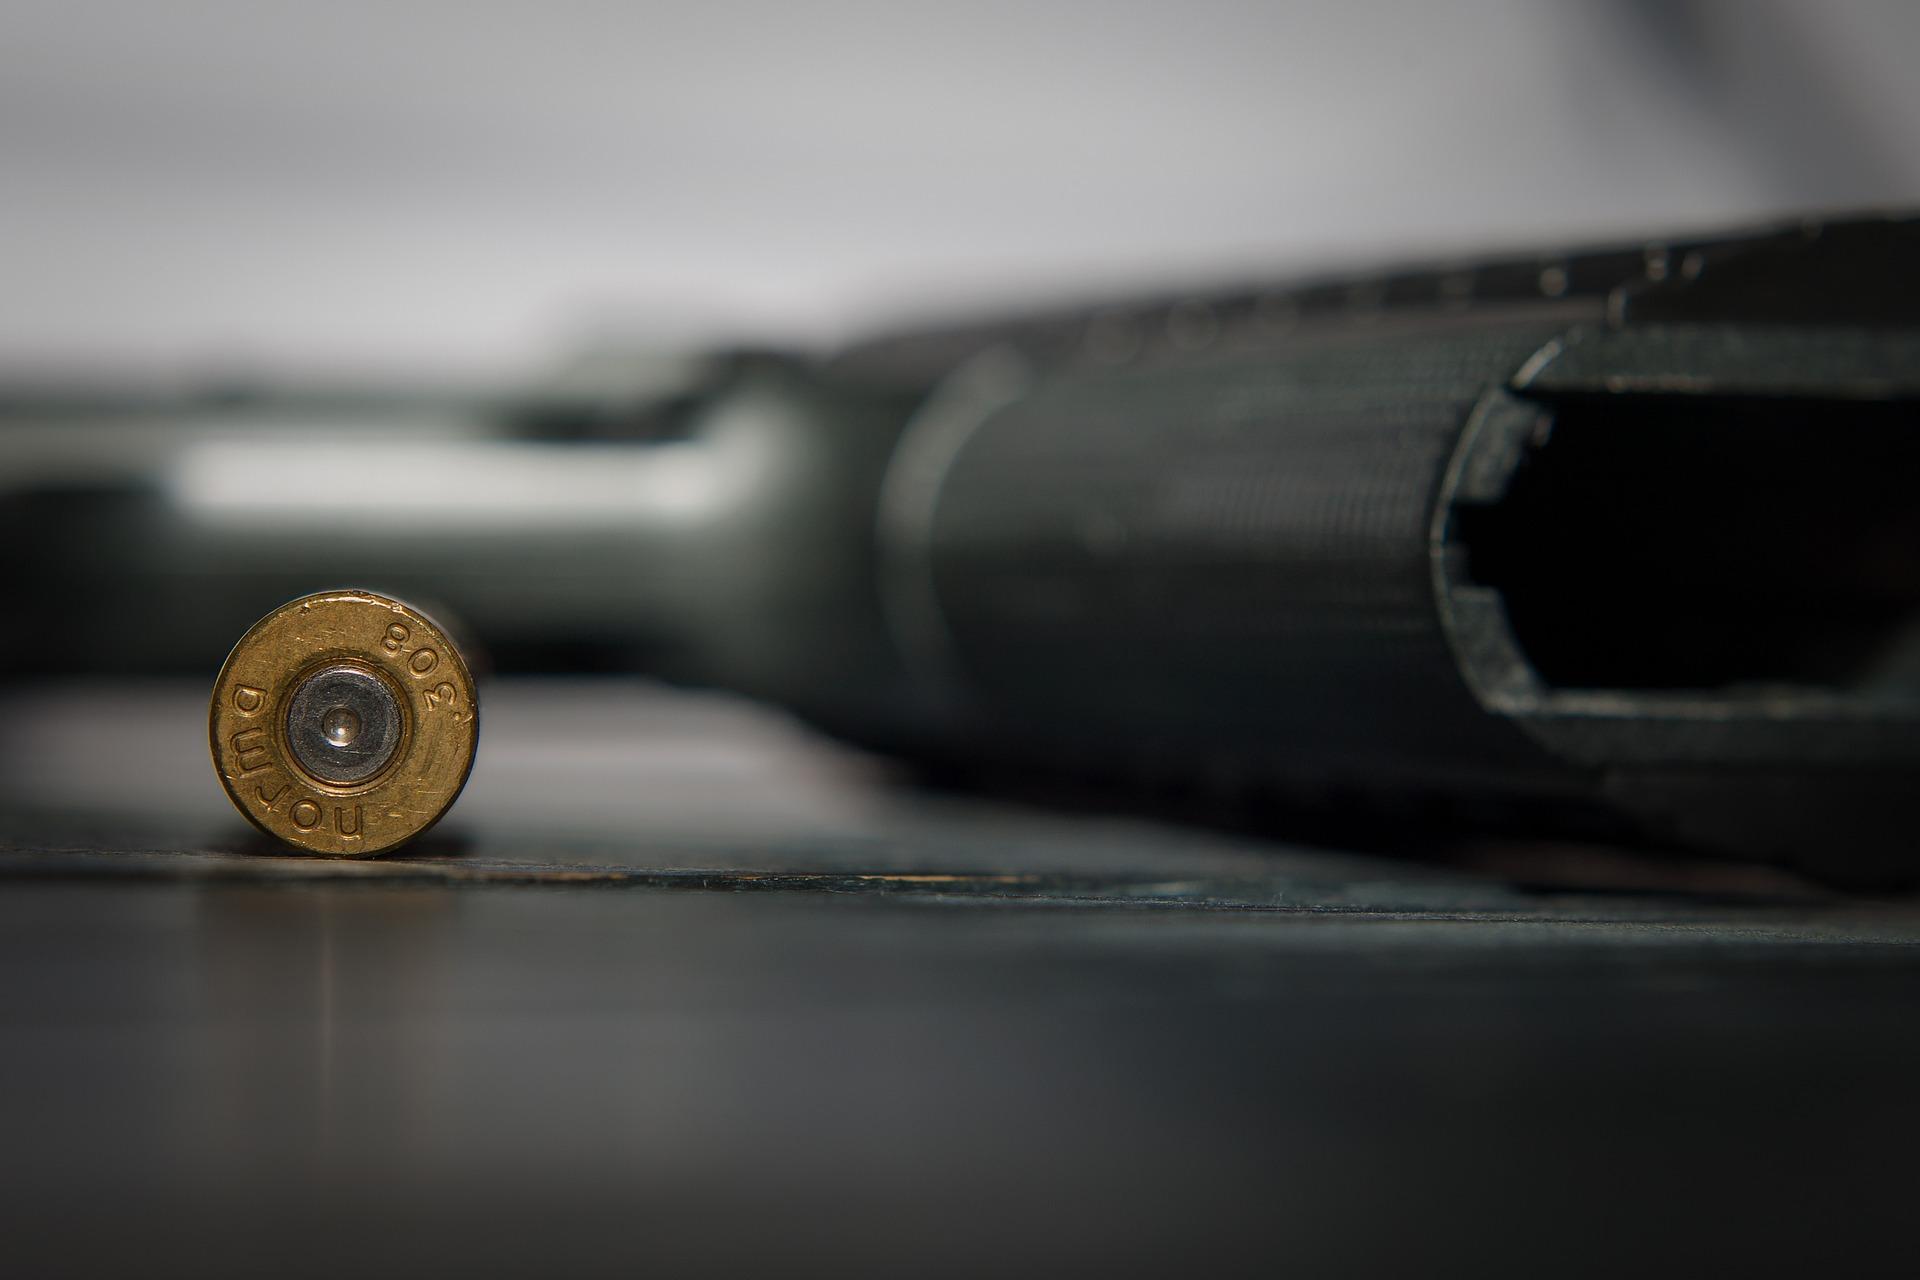 Una bala y una pistola. Fuente: Pixabay.